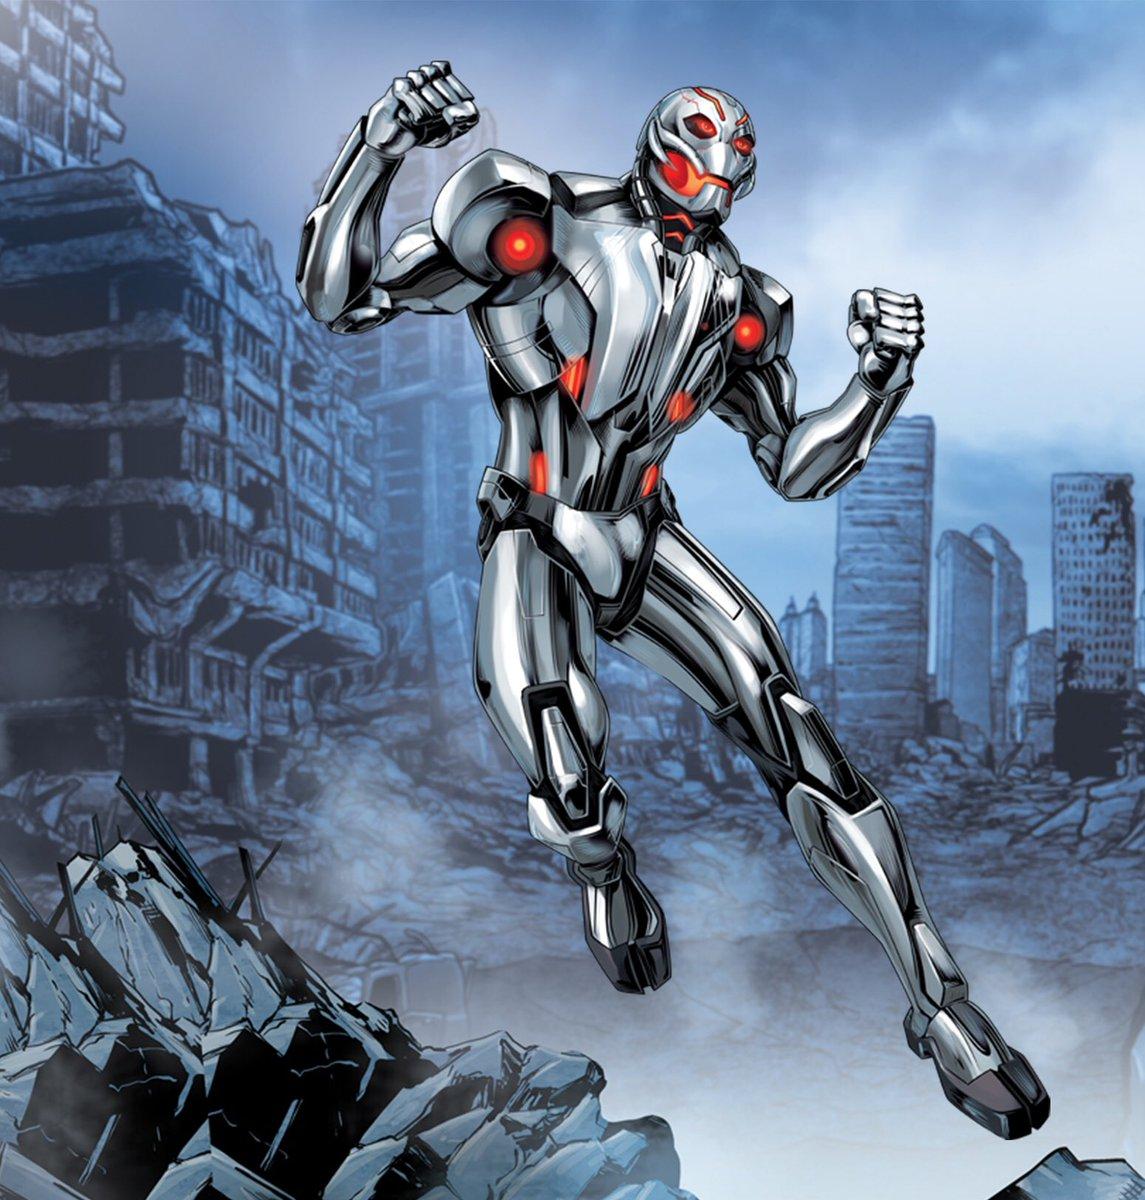 #アメコミキャラ紹介 【ウルトロン】アベンジャーズに登場するスーパーヴィラン。ハンク ピム博士(アントマン)によって造ら